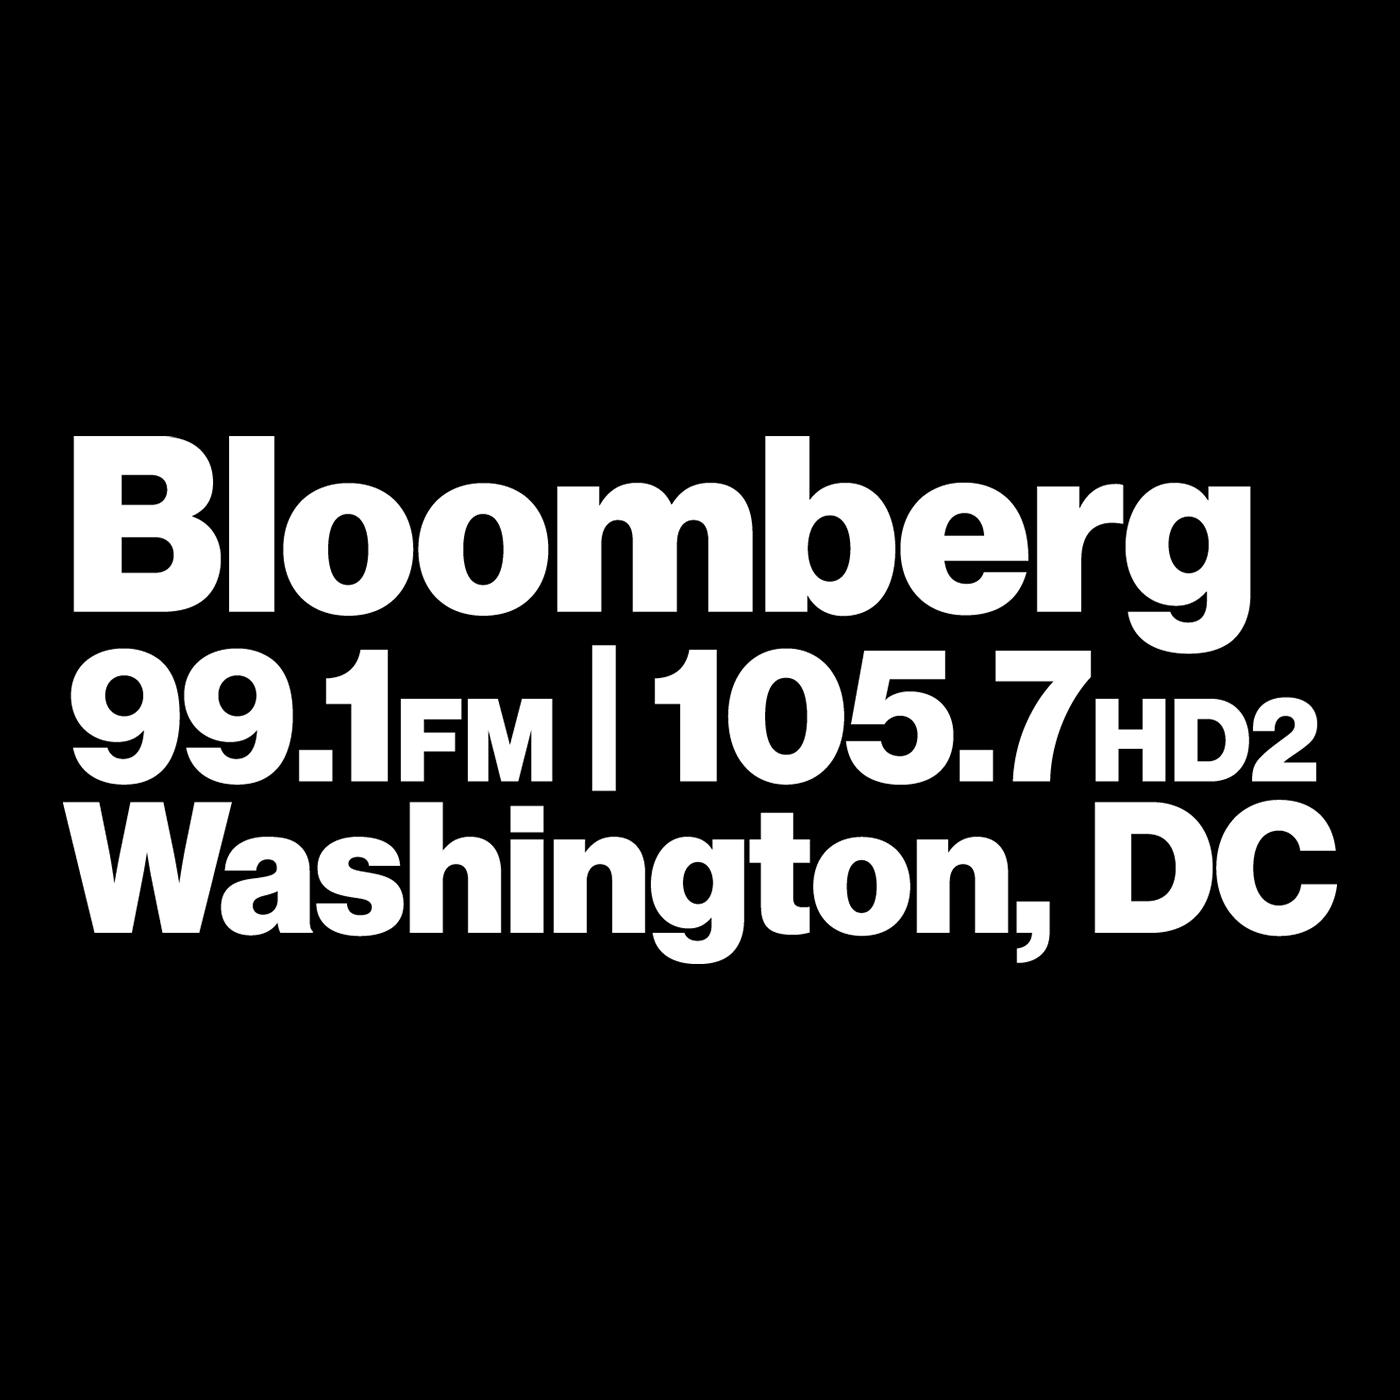 Bloomberg DC